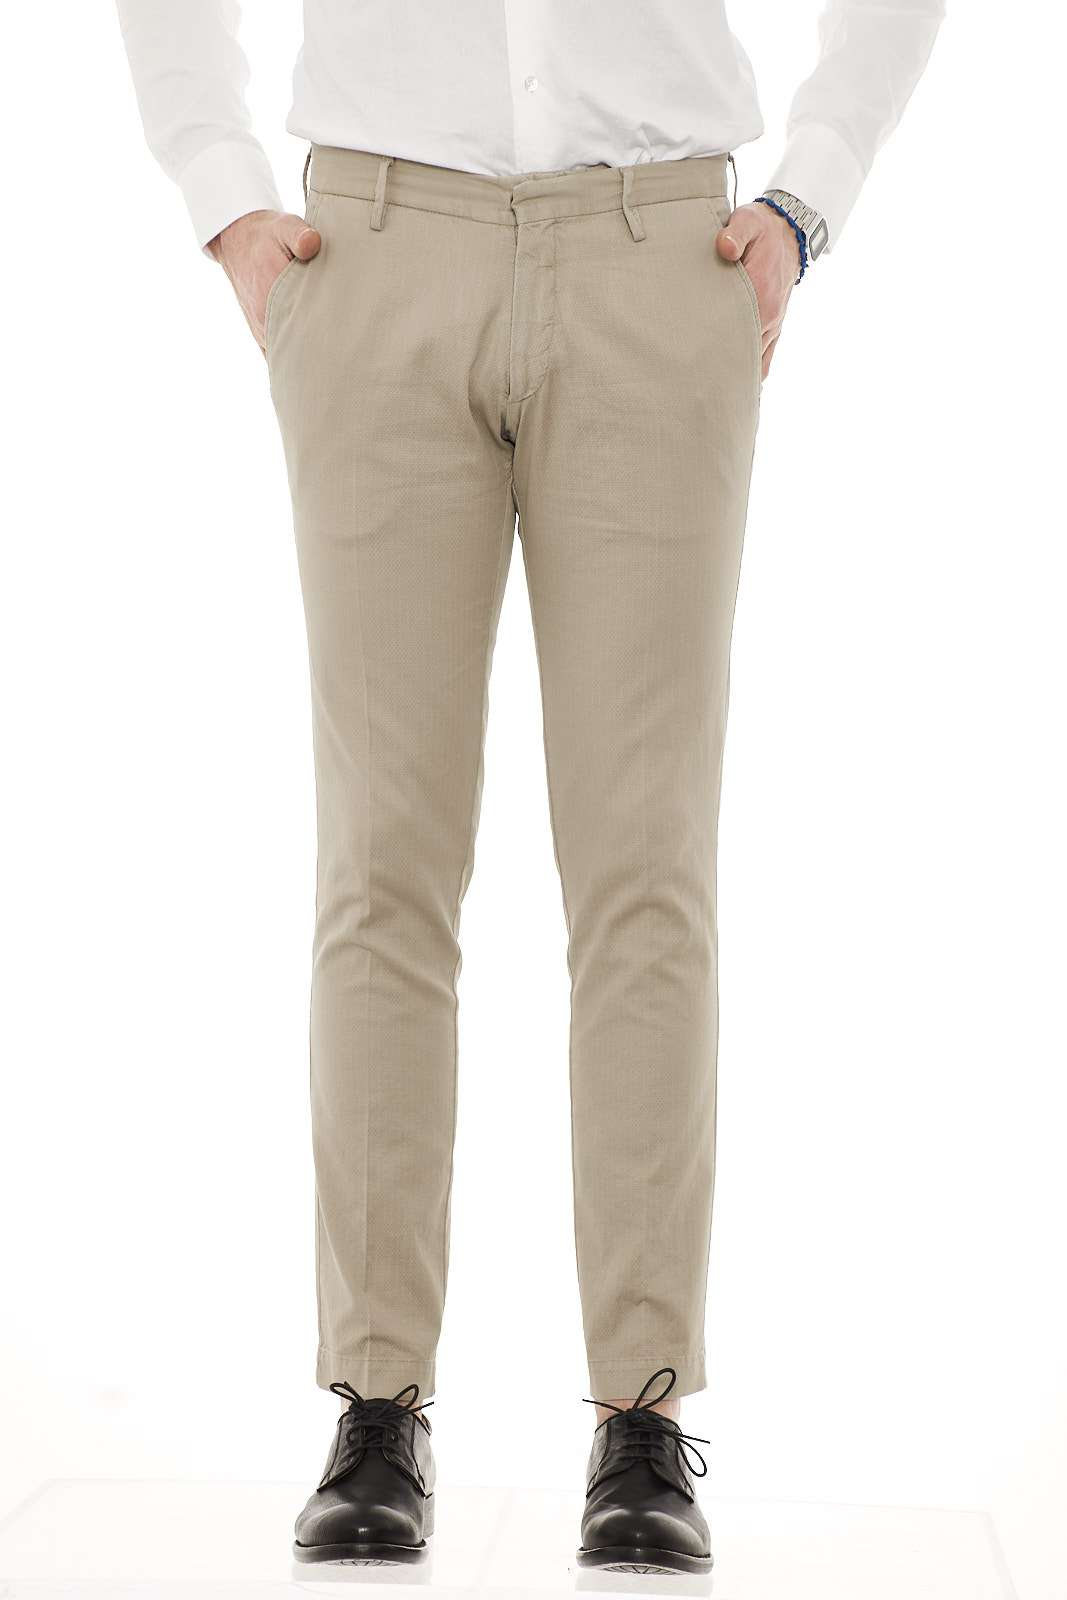 outlet_parmax-pantaloni-uomo